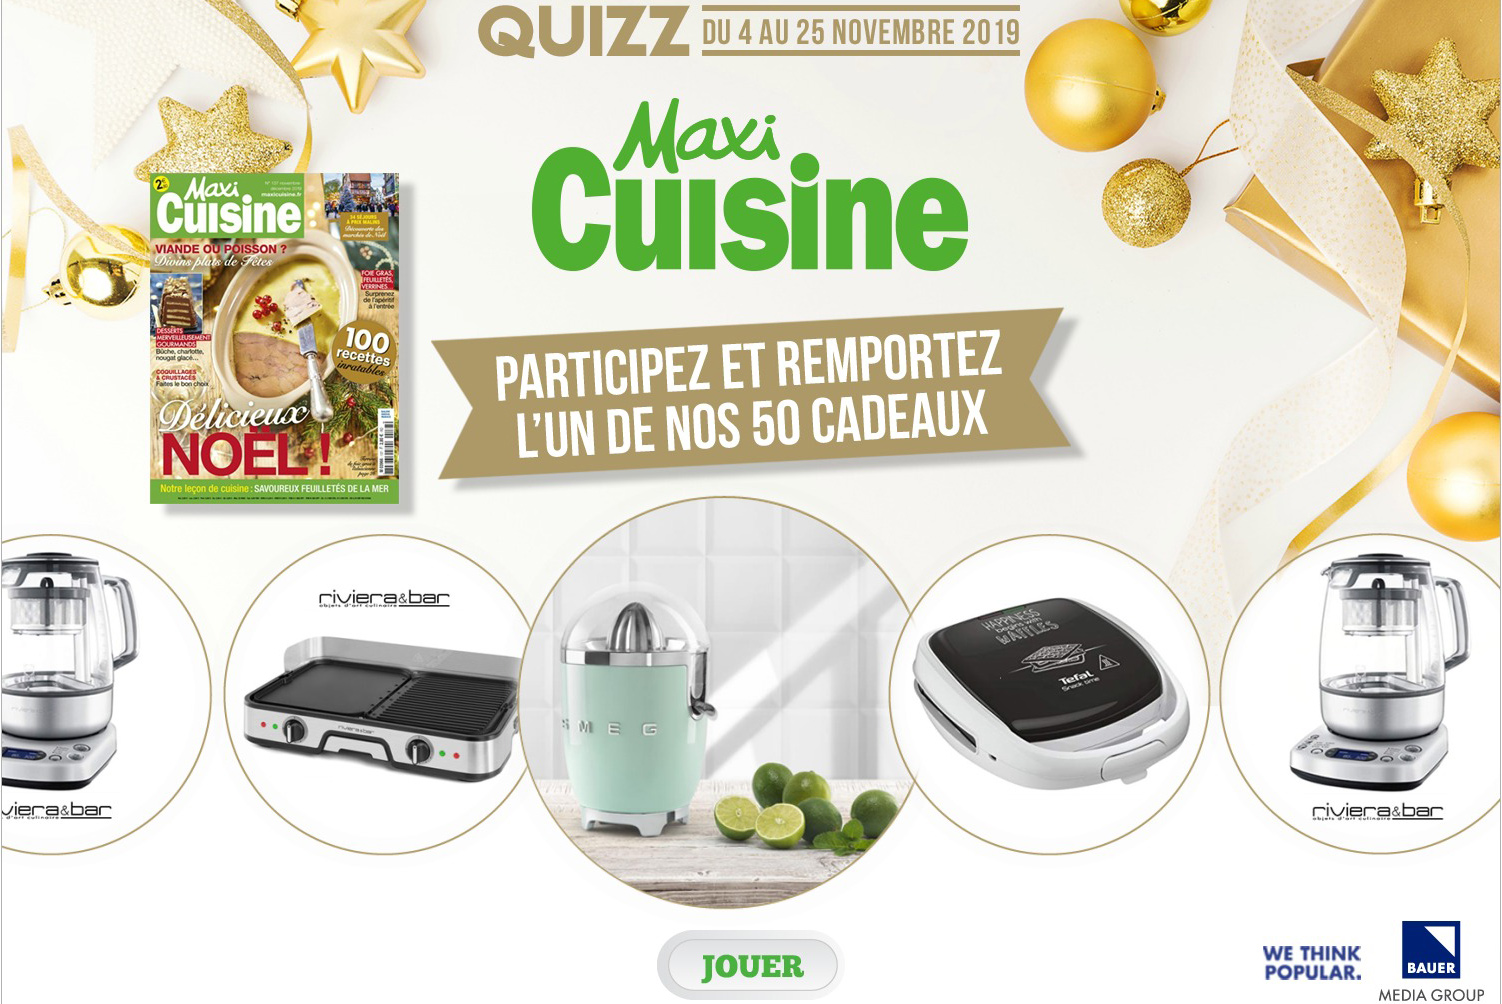 Grand jeu concours maxi cuisine - Jeu concours cuisine ...